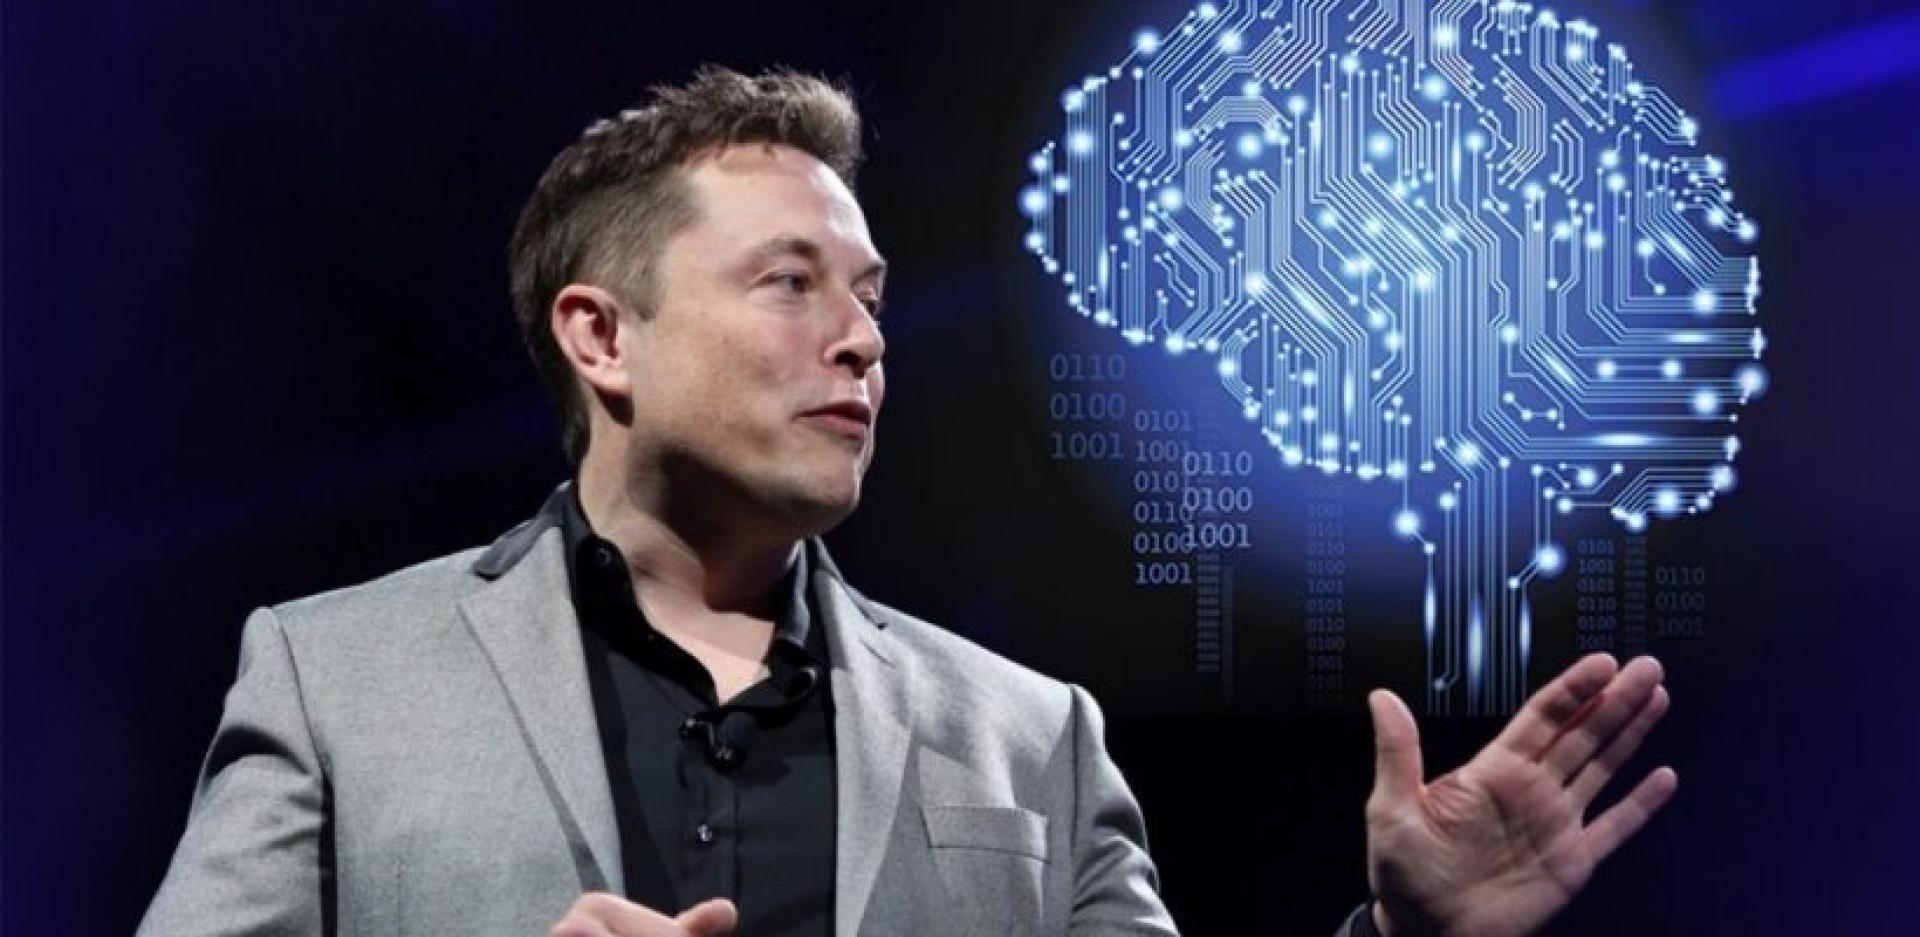 Elon Musk quiere curar el autismo y la esquizofrenia con chip de IA